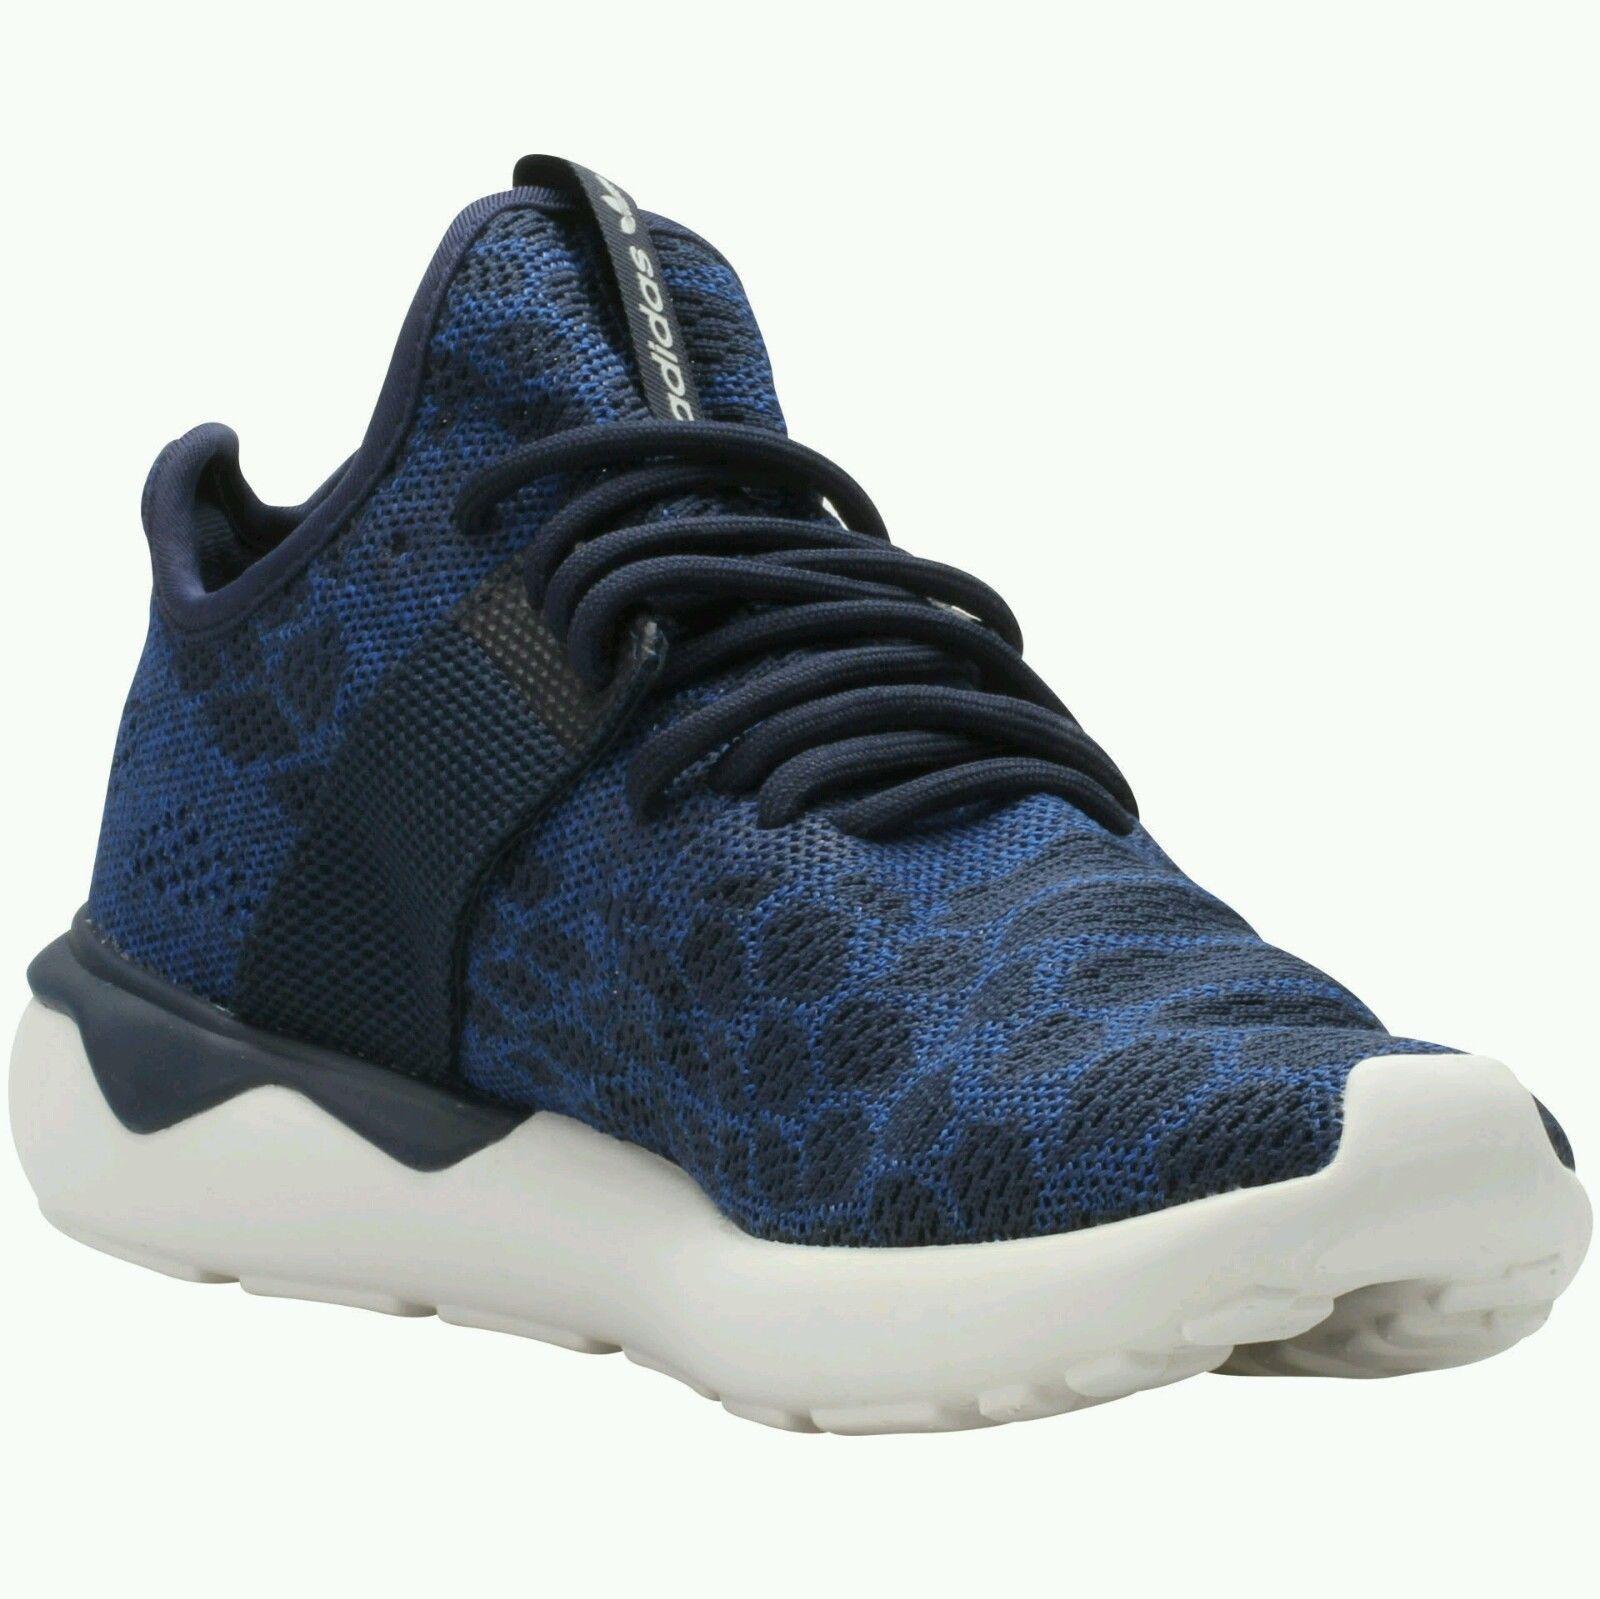 Adidas crazylight Boost baja zapatos de baloncesto de los hombres es b42389 2018